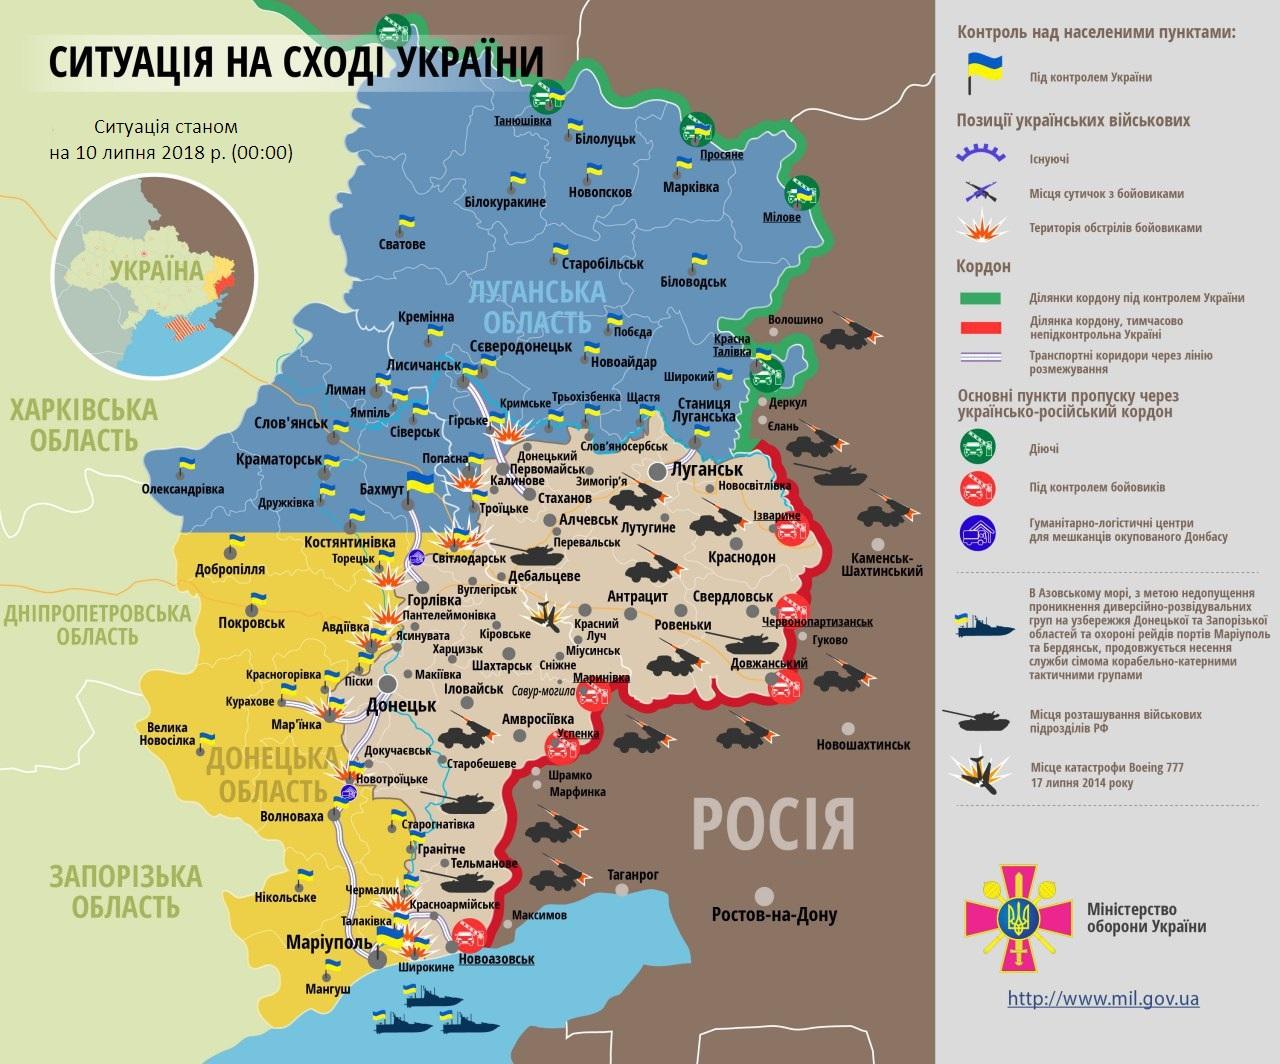 Война России против Украины: карта ООС с расположением сил и средств на Донбассе от 10.07.2018